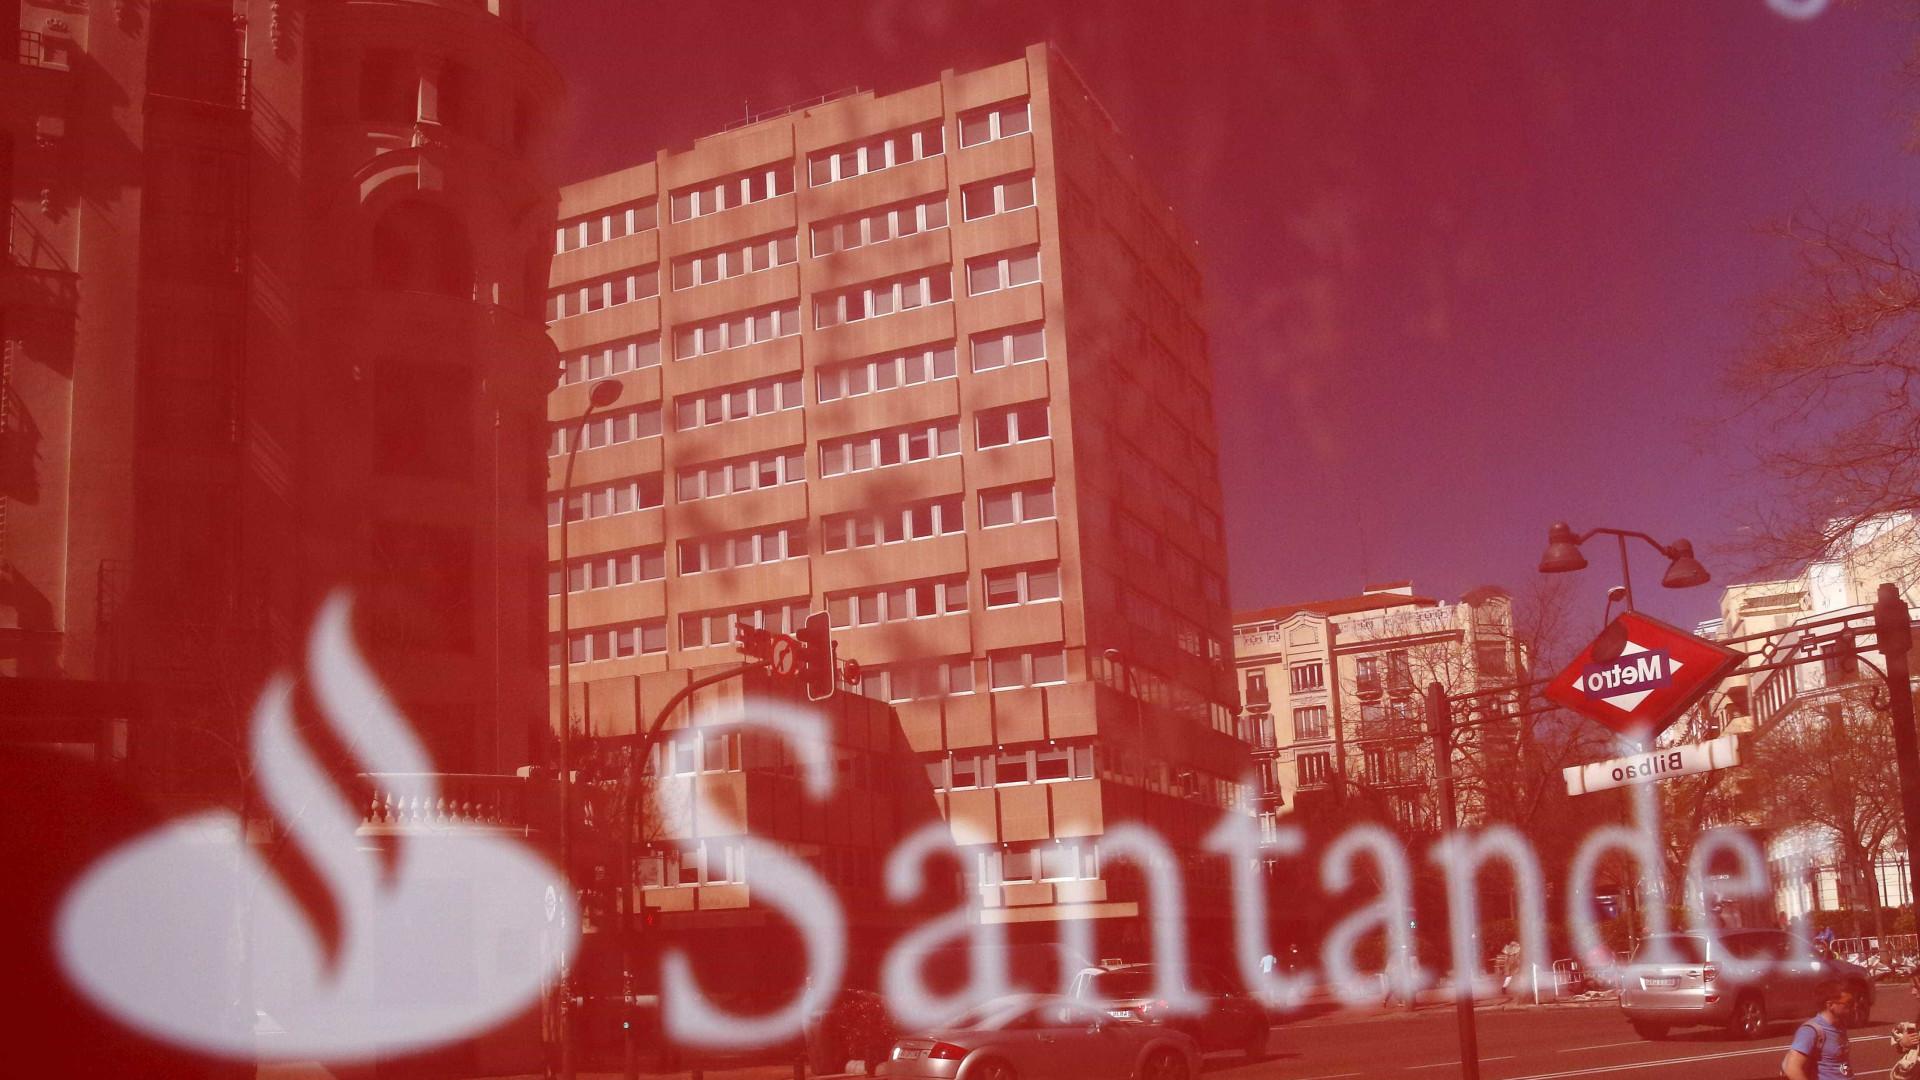 Santander Totta sobe salário mínimo a trabalhadores do ex-Banco Popular